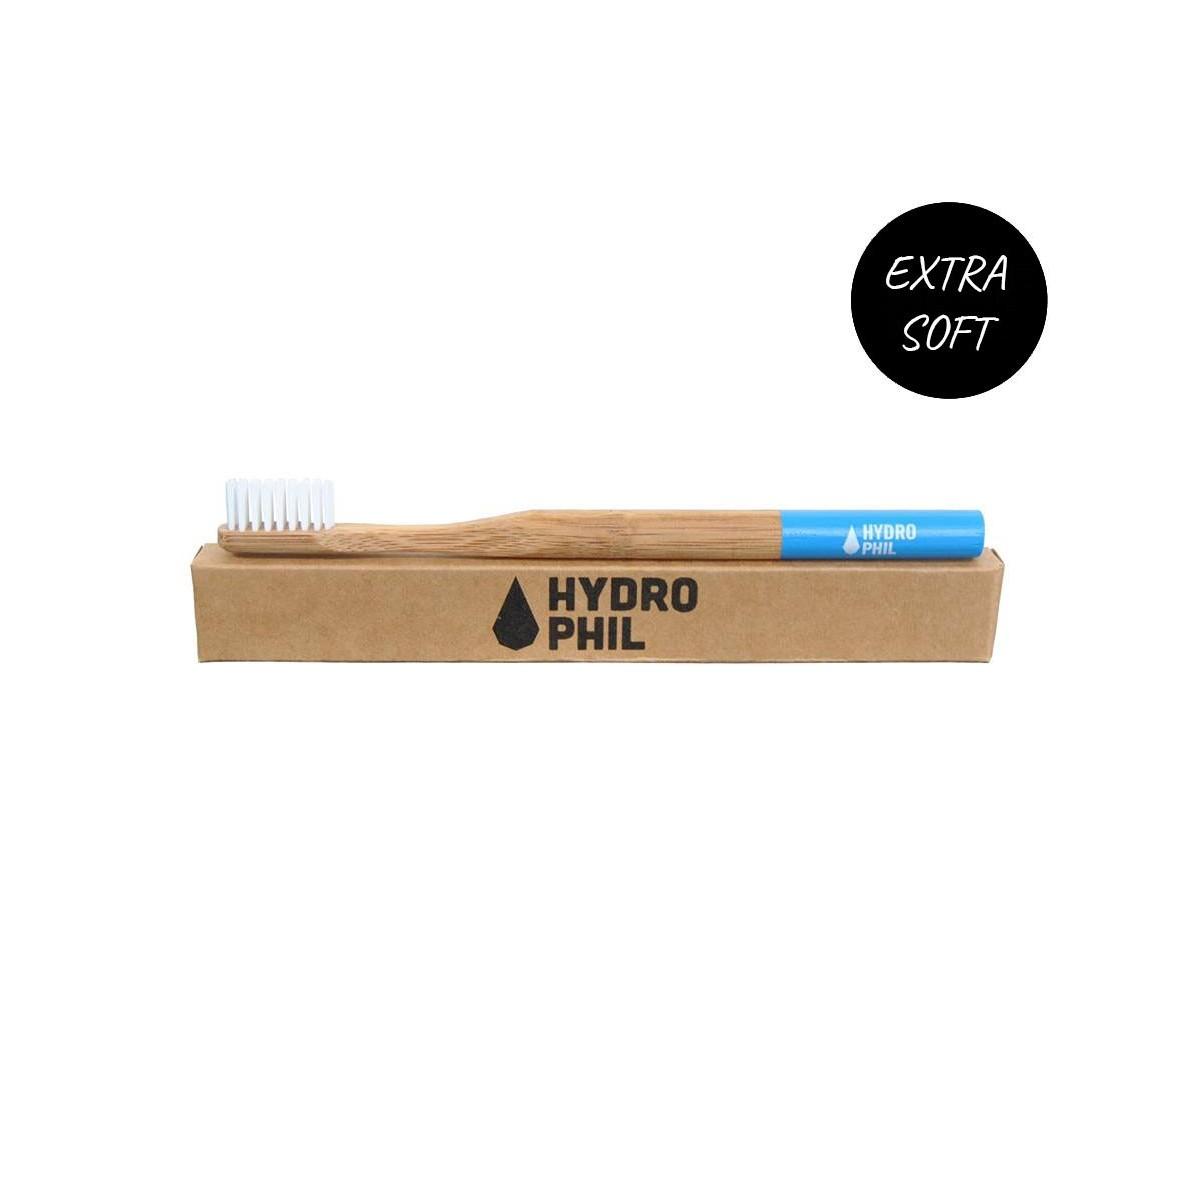 Hydrophil Duurzame Tandenborstel - Soft - Blauw